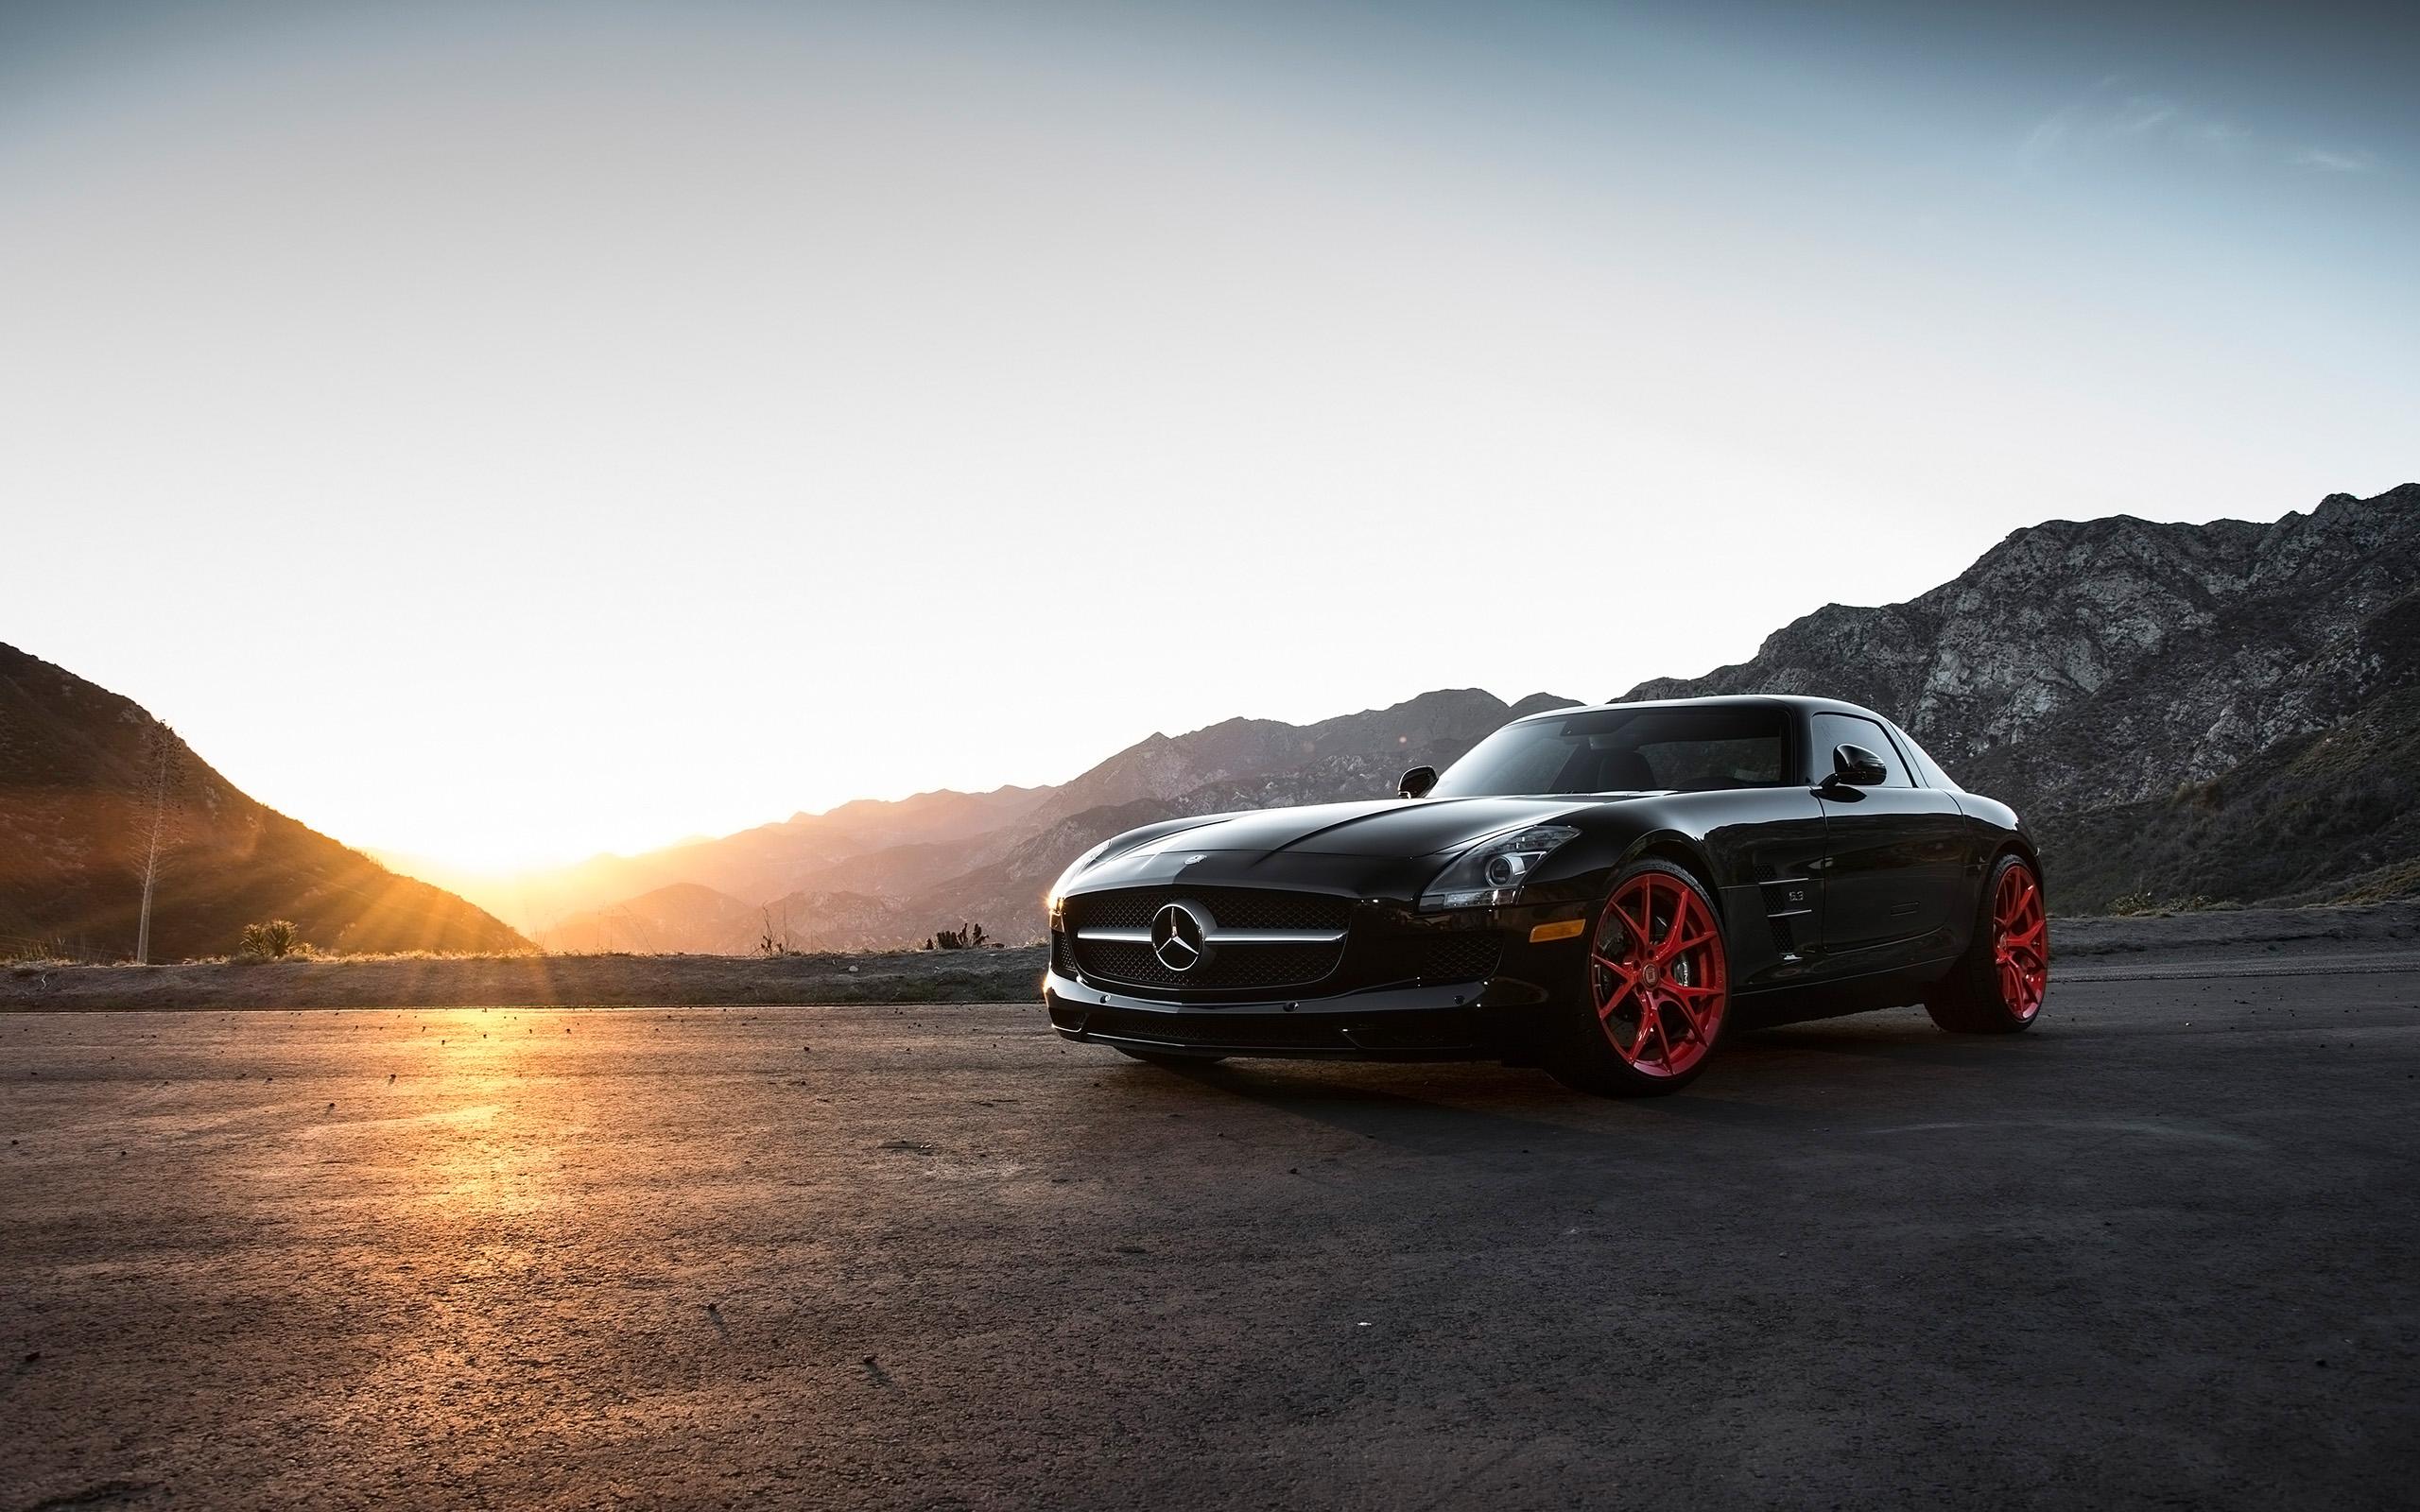 2015 Klassen Mercedes Benz SLS AMG Wallpaper HD Car